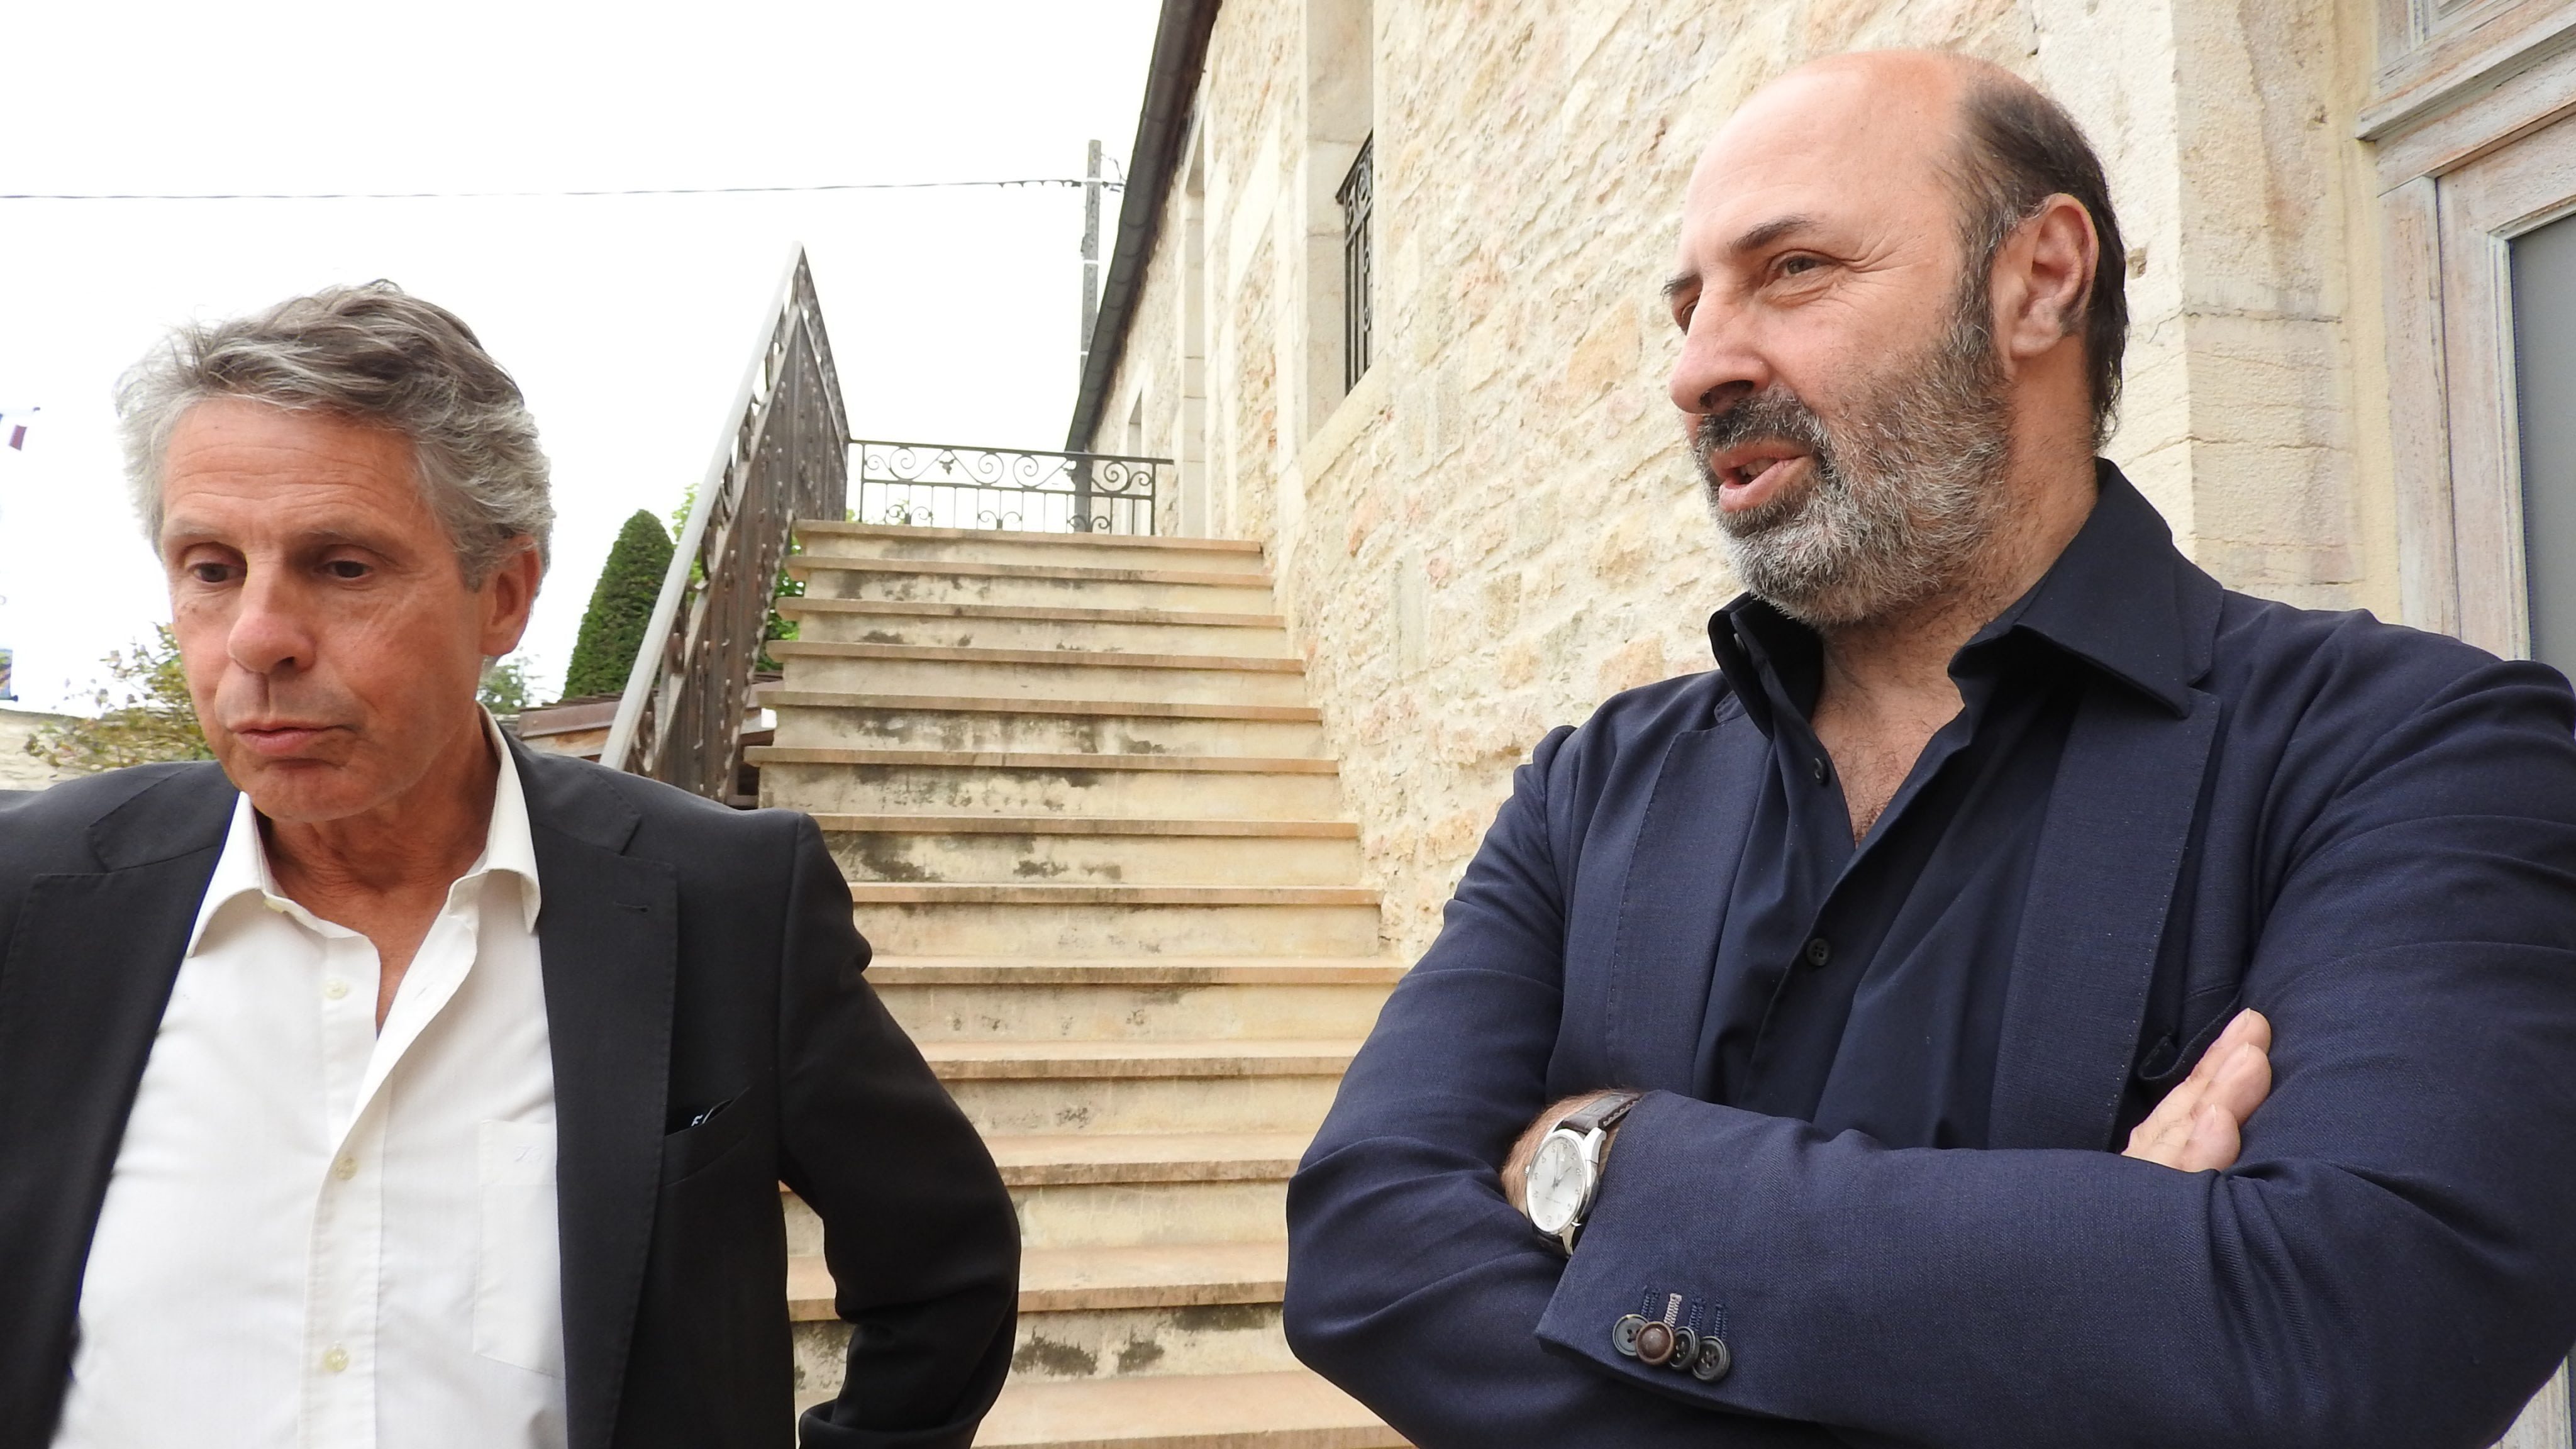 Klapisch fera-t-il le premier bon film sur la Bourgogne viticole?